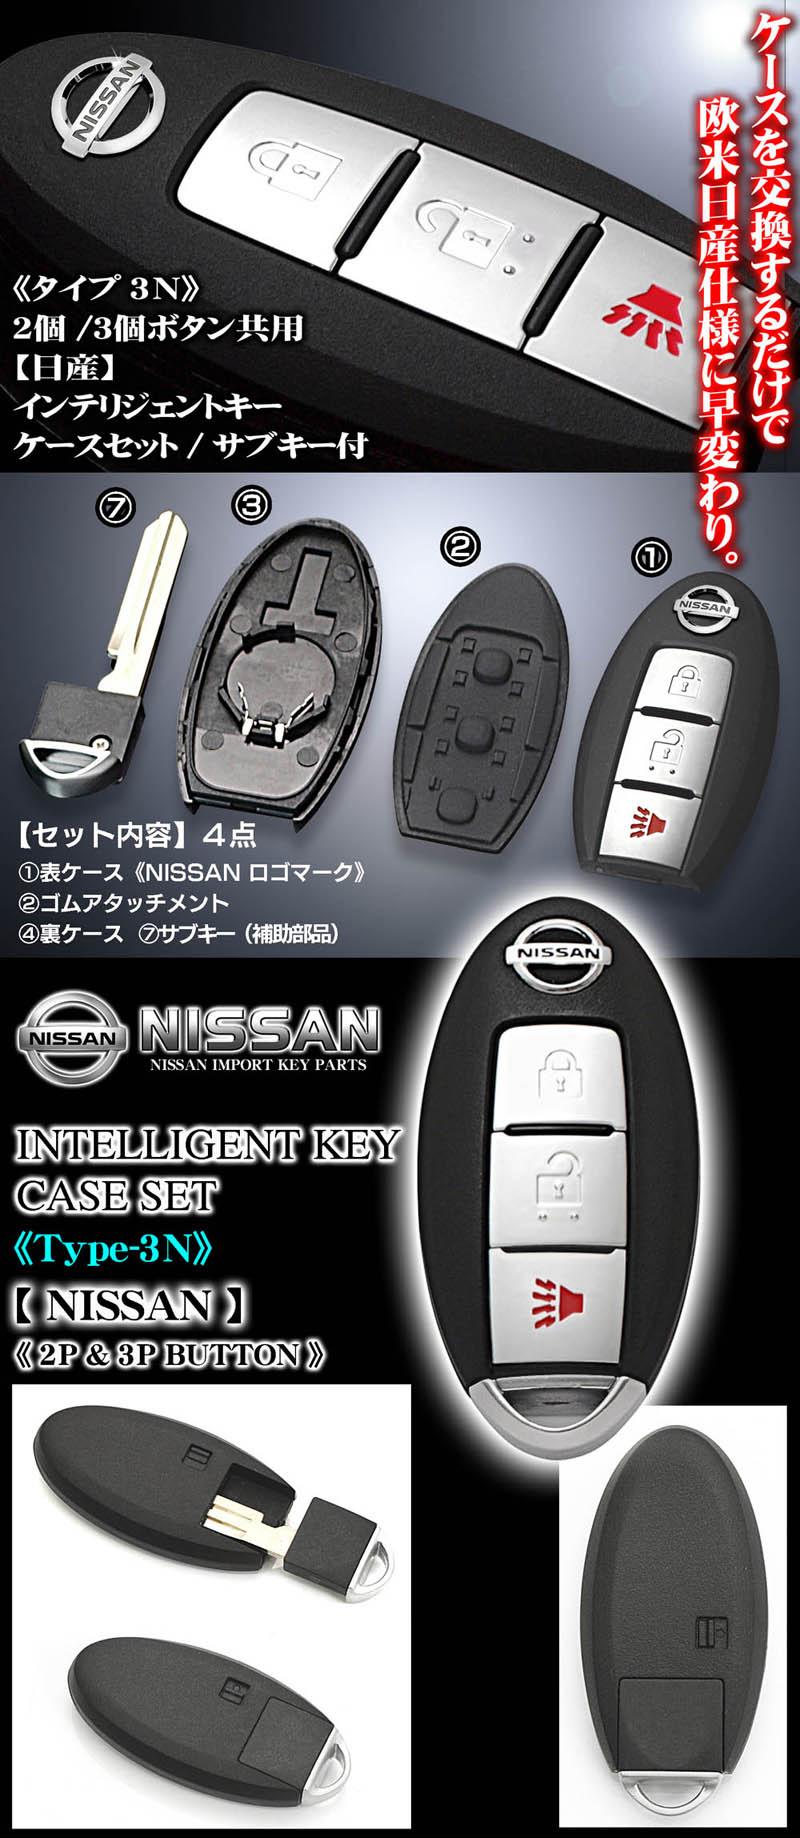 【タイプ3N】日産車汎用 日産純正タイプキー《ケースセット/2個.3個ボタン共用》インテリジェントキー/NISSAN欧米ショップパーツ/ブラガ